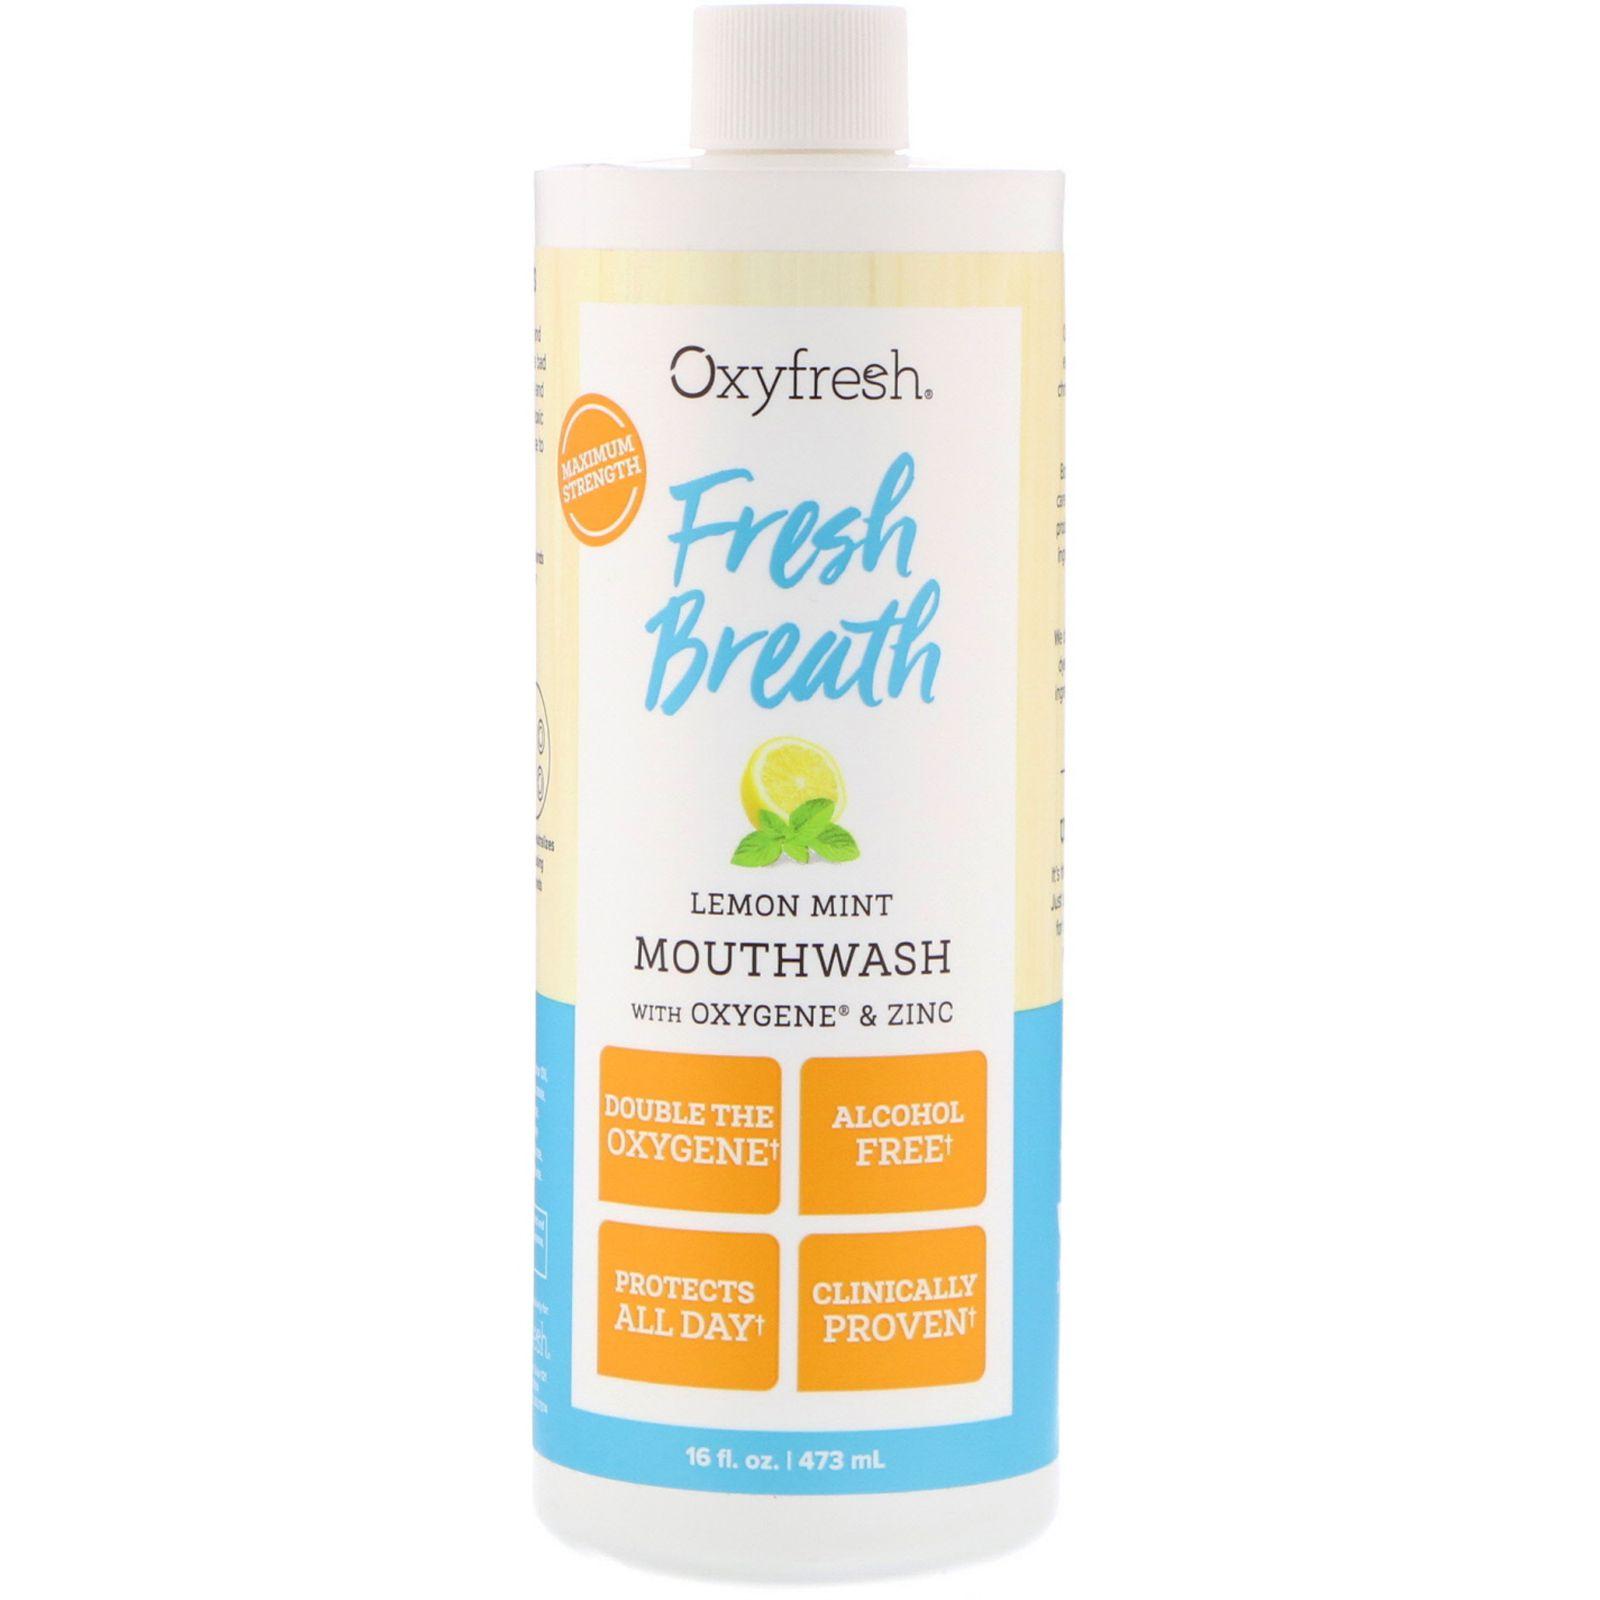 Oxyfresh Fresh Breath Lemon Mint Mouthwash